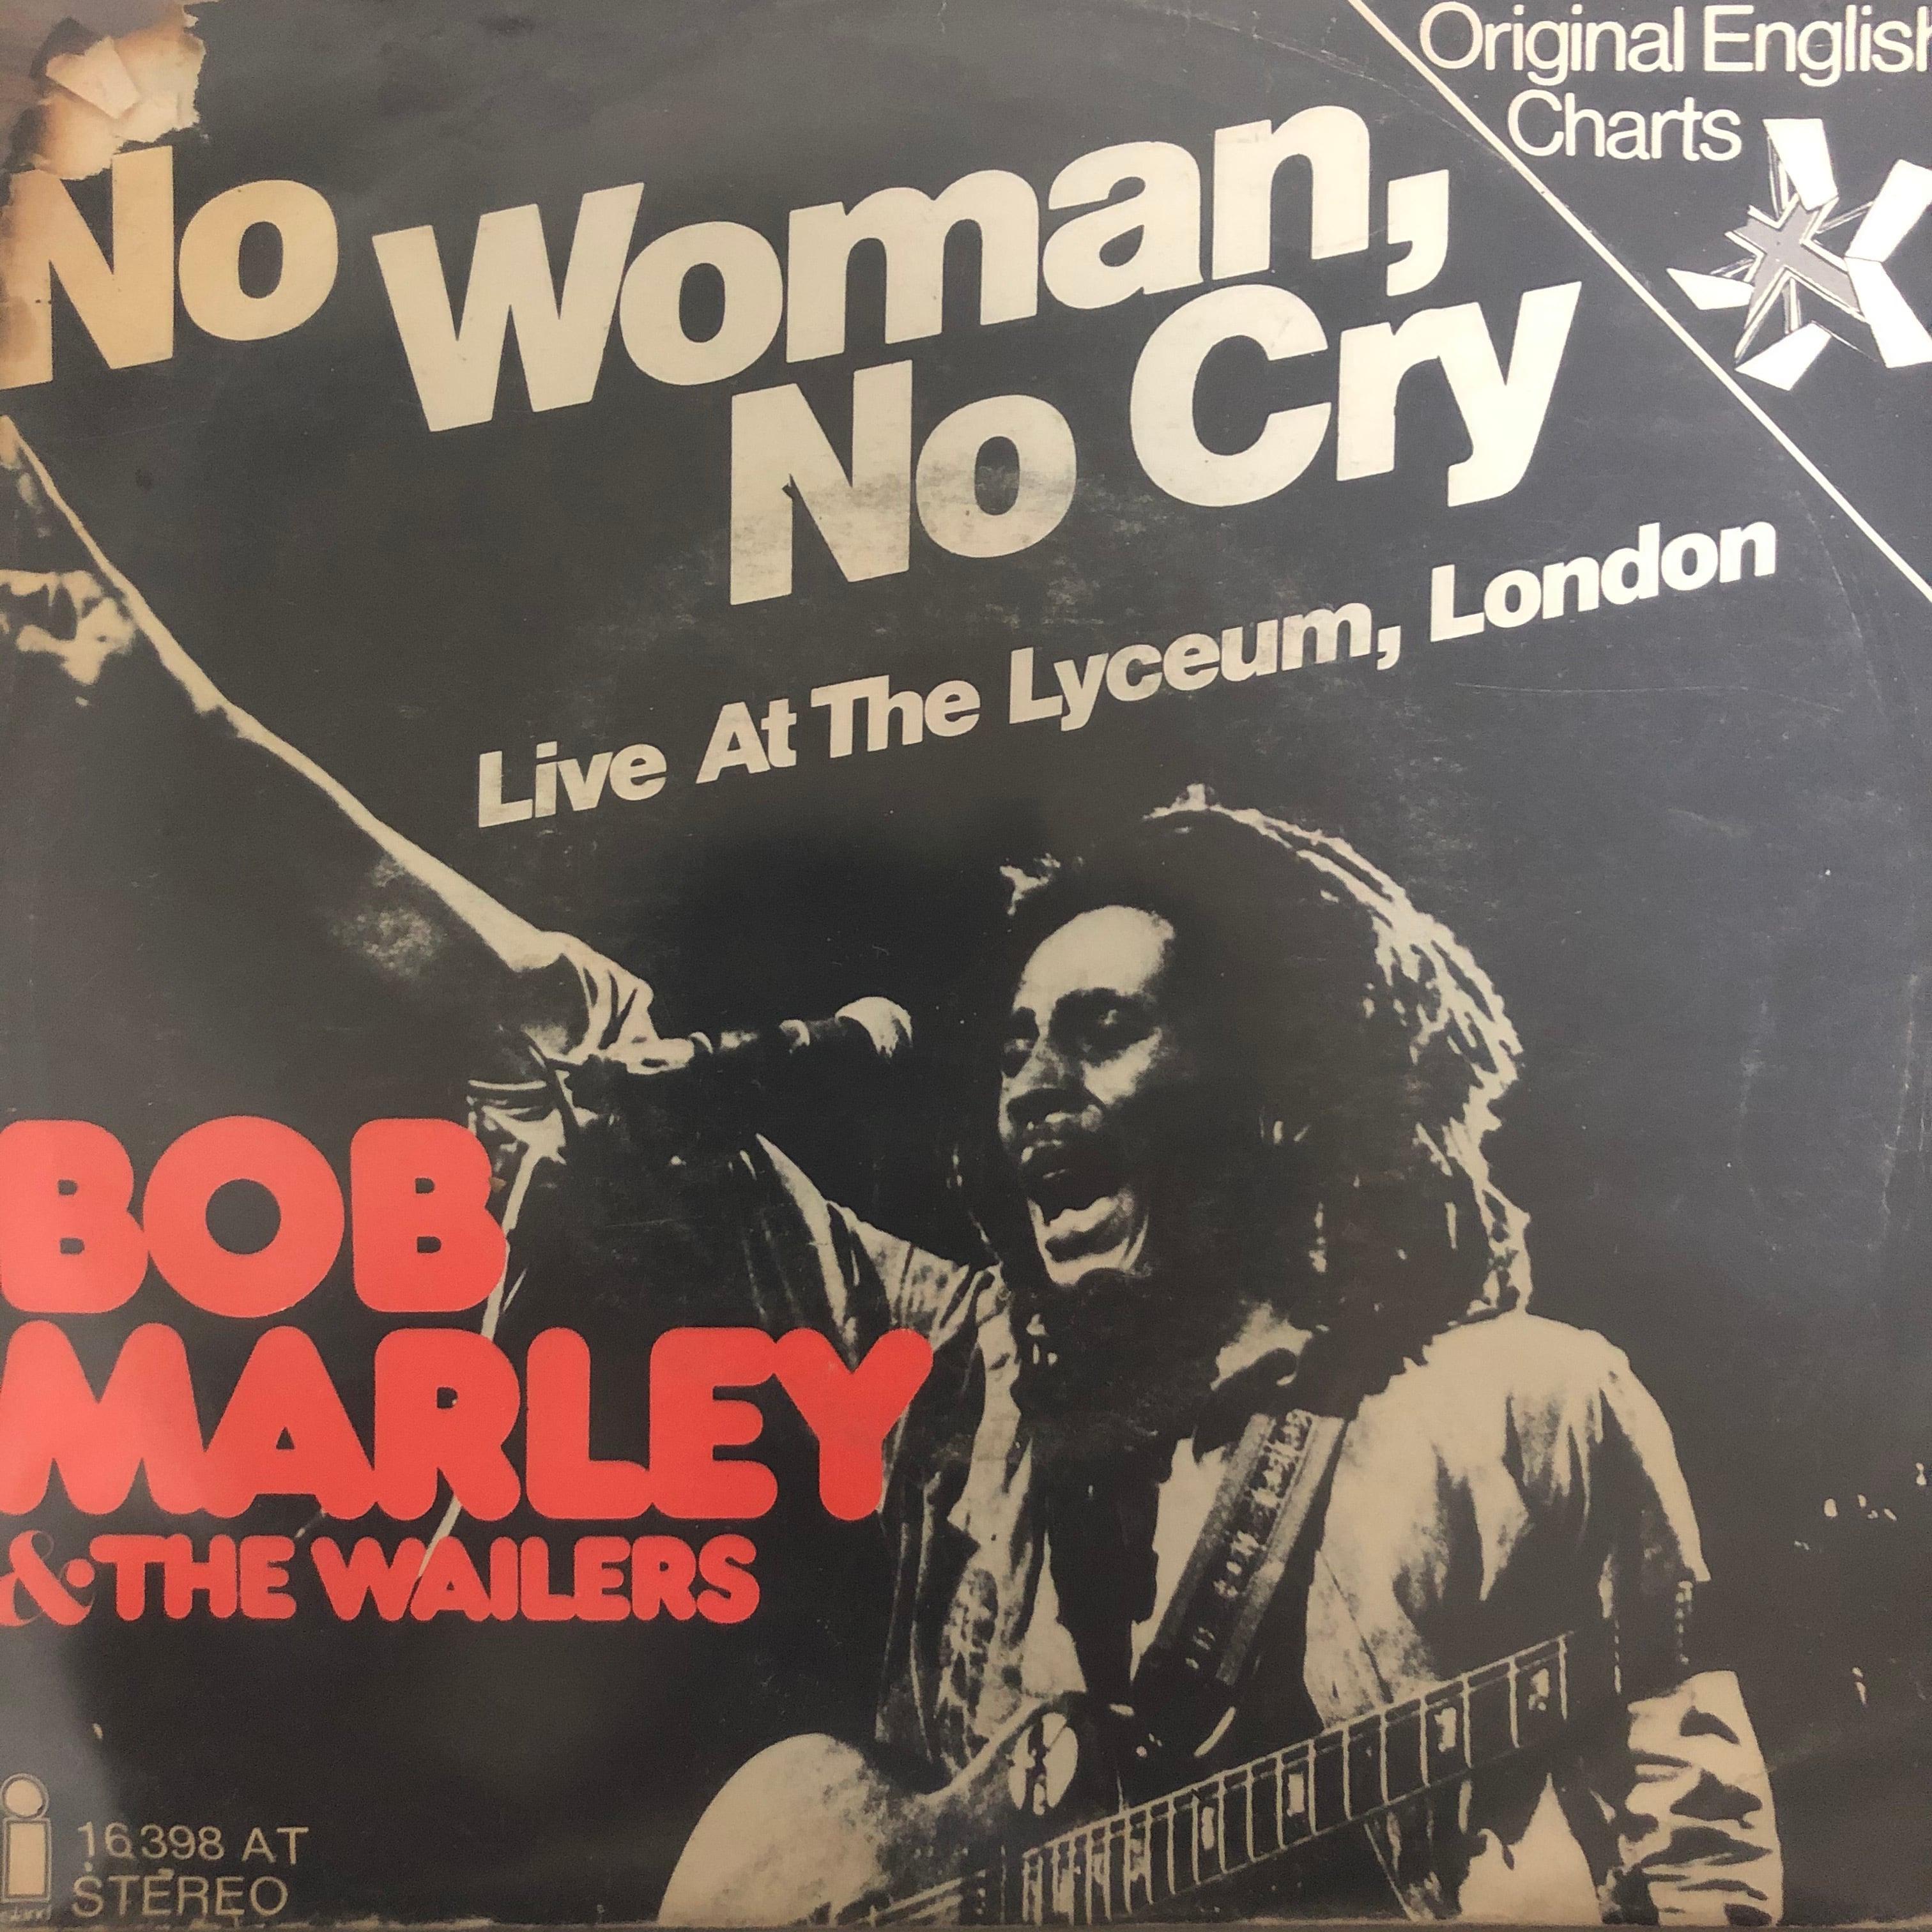 Bob Marley & The Wailers - No Woman, No Cry【7-20406】